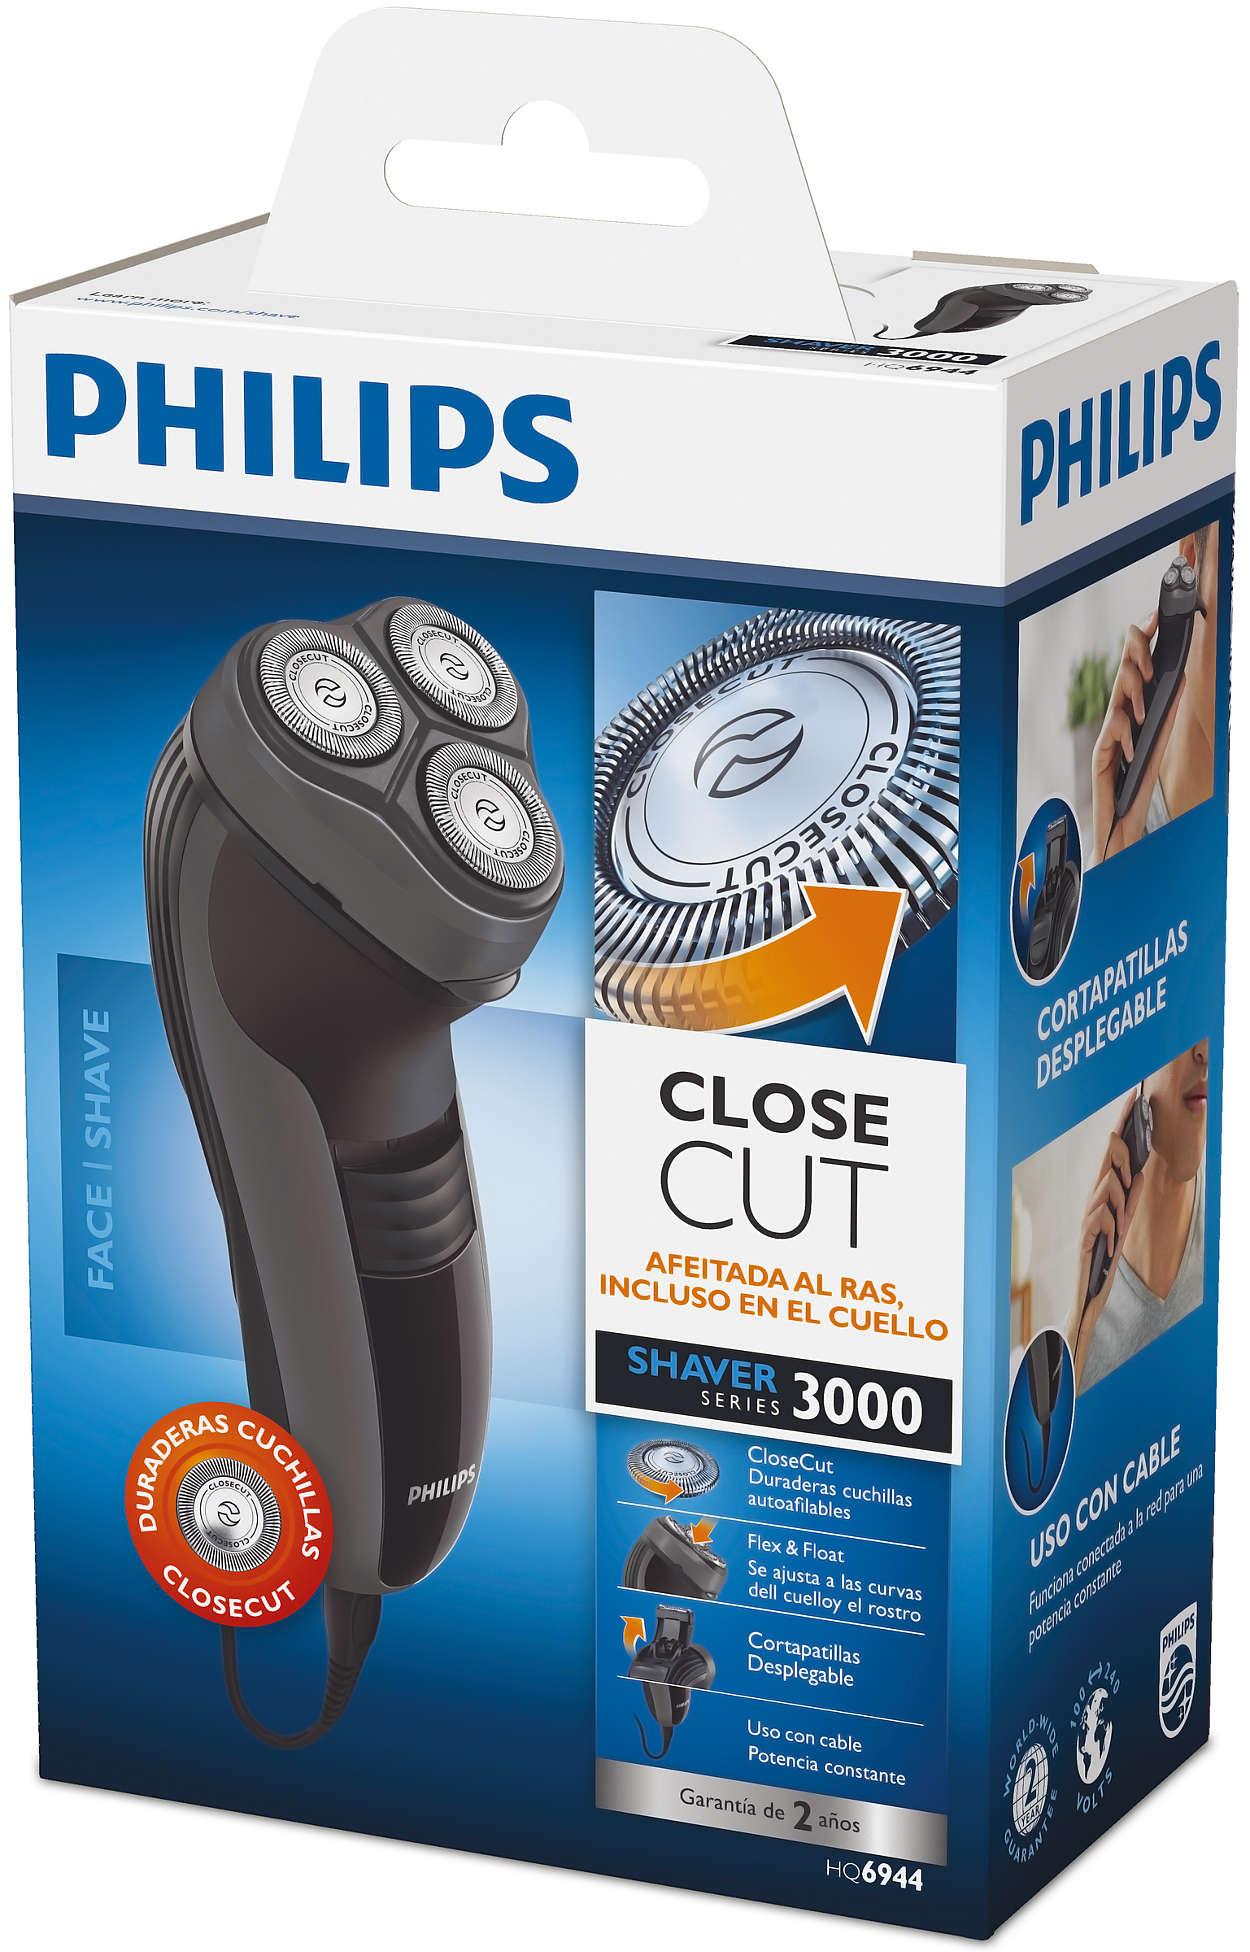 Shaver series 3000 Afeitadora eléctrica en seco HQ6944 16  18be104fac5d